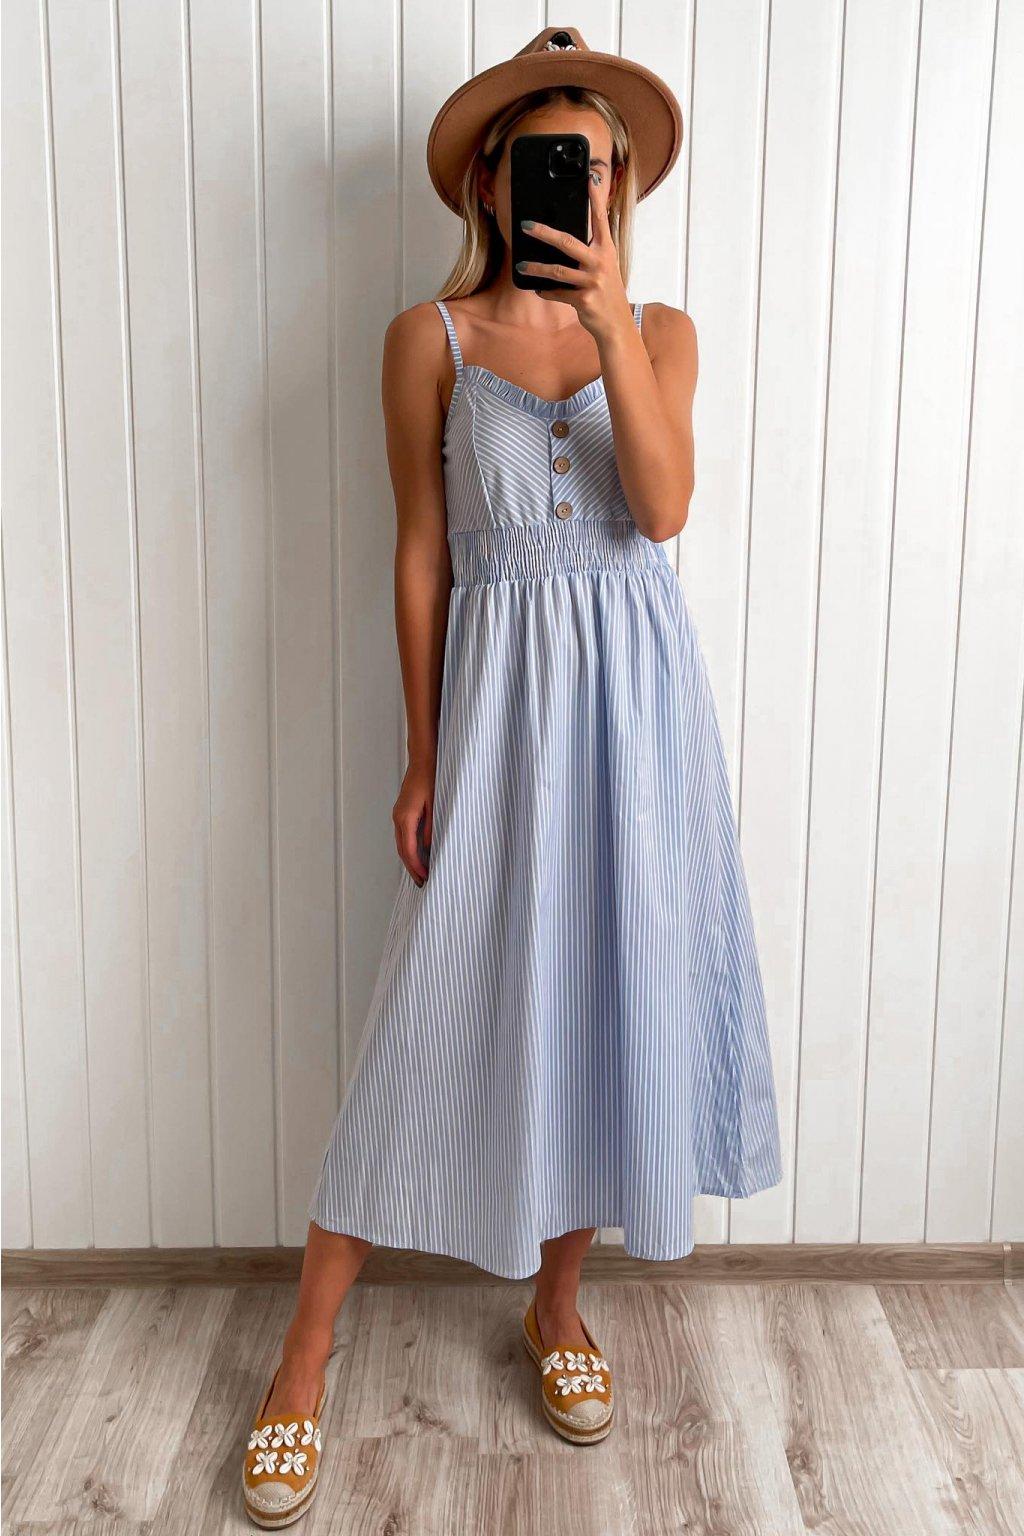 Letné pruhované šaty, bielomodré šaty, bavlnené šaty, šaty s gombíkmi, šaty na ramienka, šaty cribs, bardejov, prešov hlavná 120 (8)